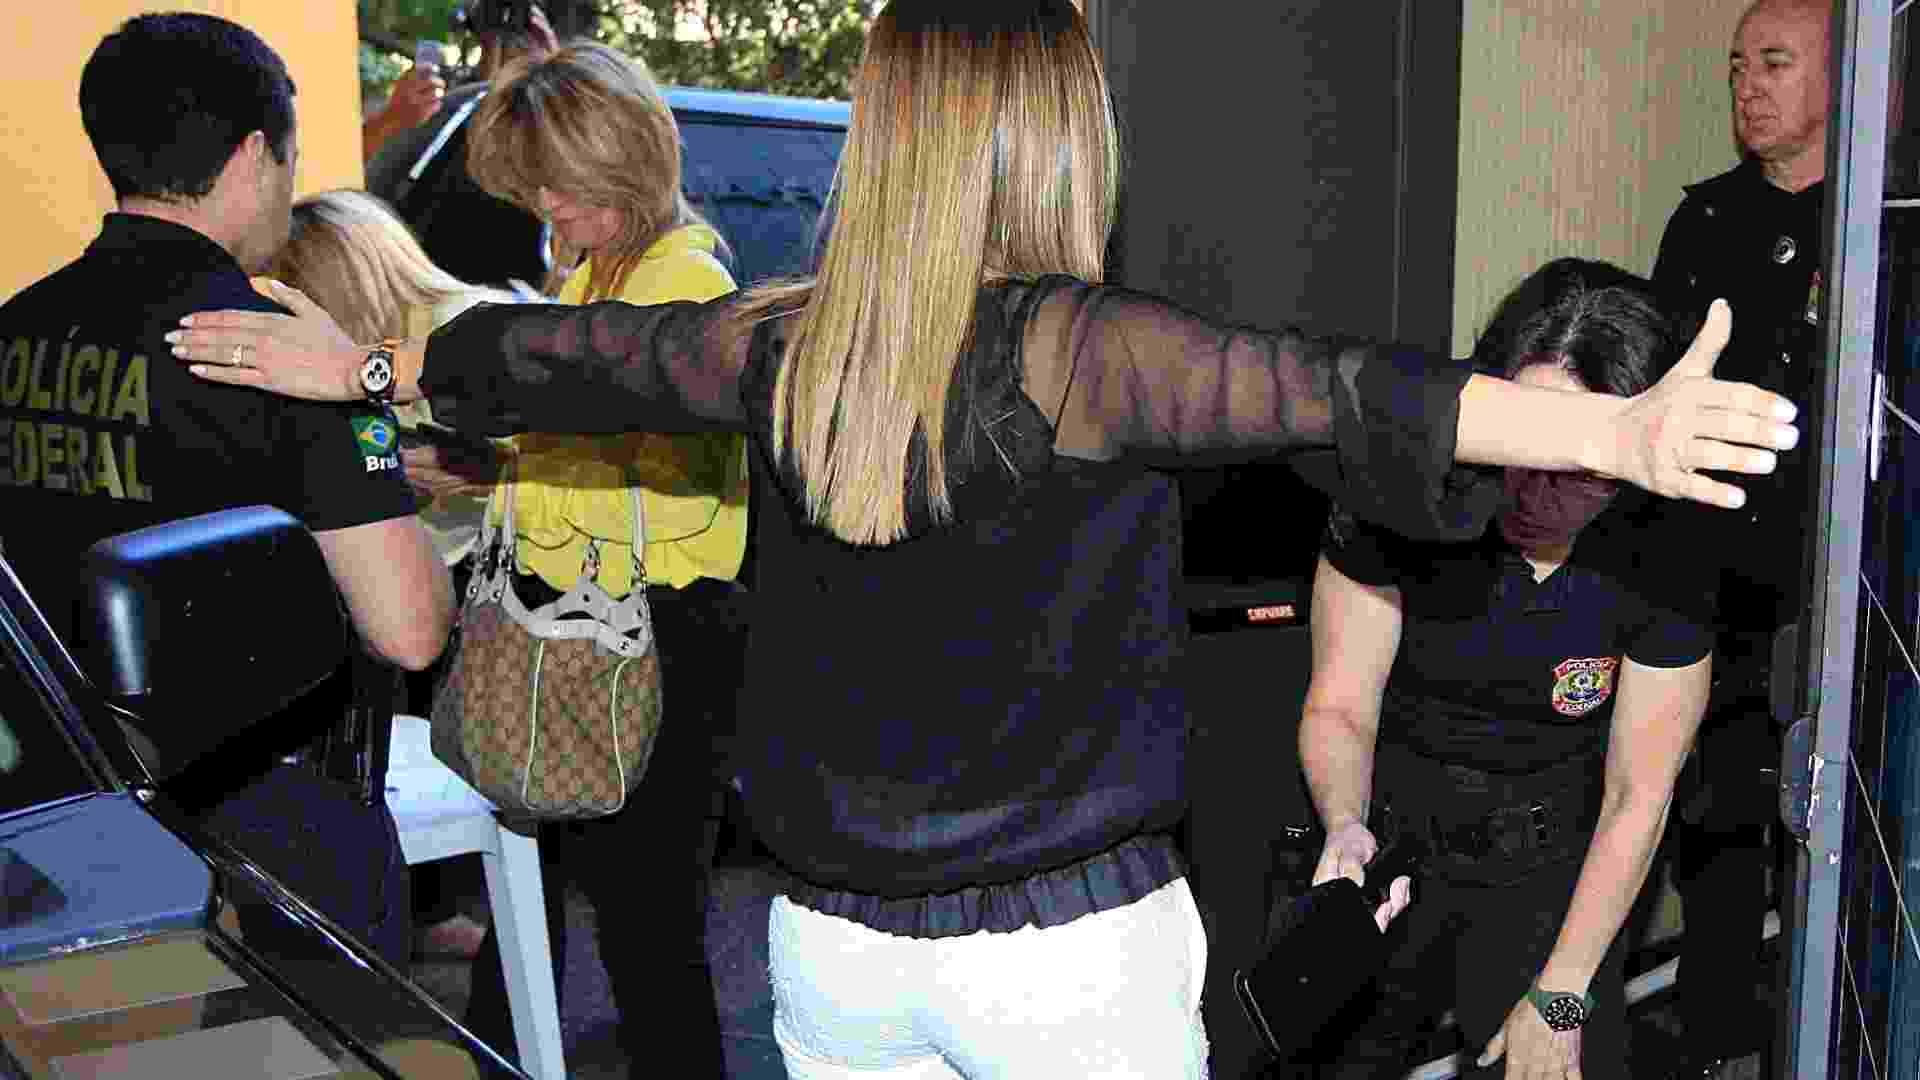 24.jul.2012 - Andressa Mendonça (centro), mulher de Carlinhos Cachoeira, chega à Justiça Federal de Goiânia para acompanhar os depoimentos de defesa e acusação dos réus das investigações da operação Monte Carlo - Cristiano Borges/UOL